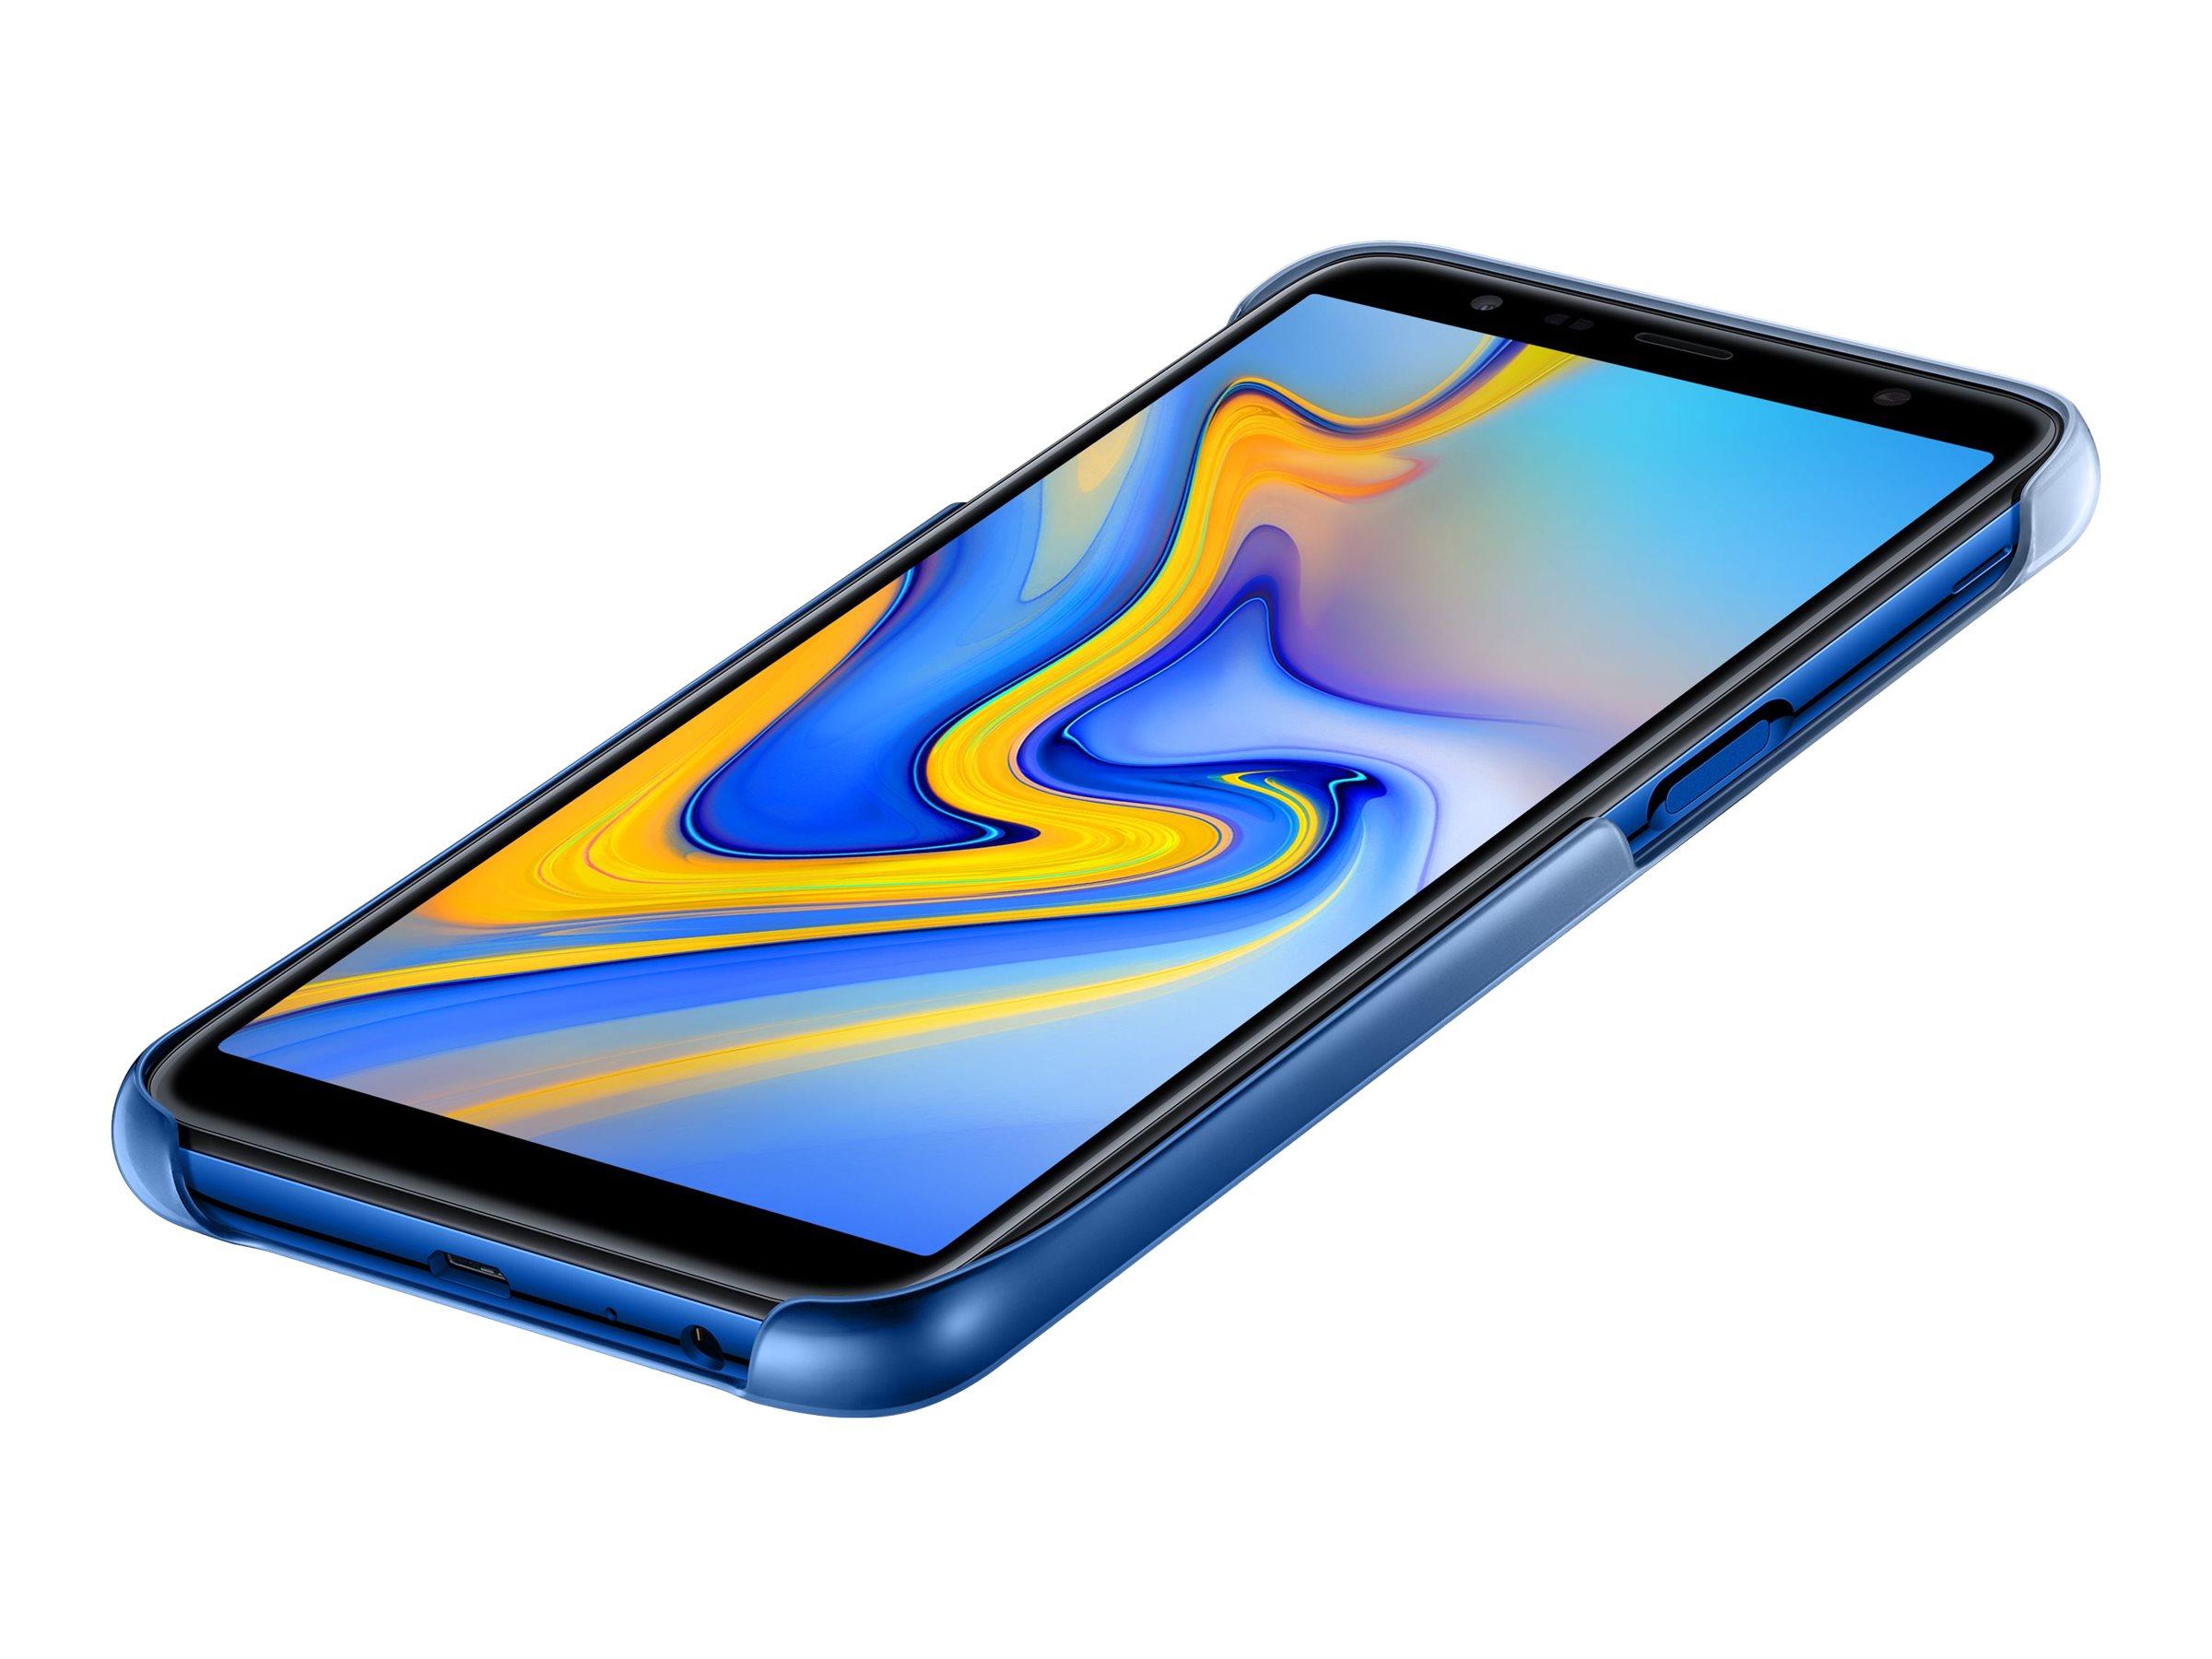 Samsung Gradation Cover EF-AJ610 - Schutzhülle hintere Abdeckung für Mobiltelefon - Blau - für Galaxy J6+